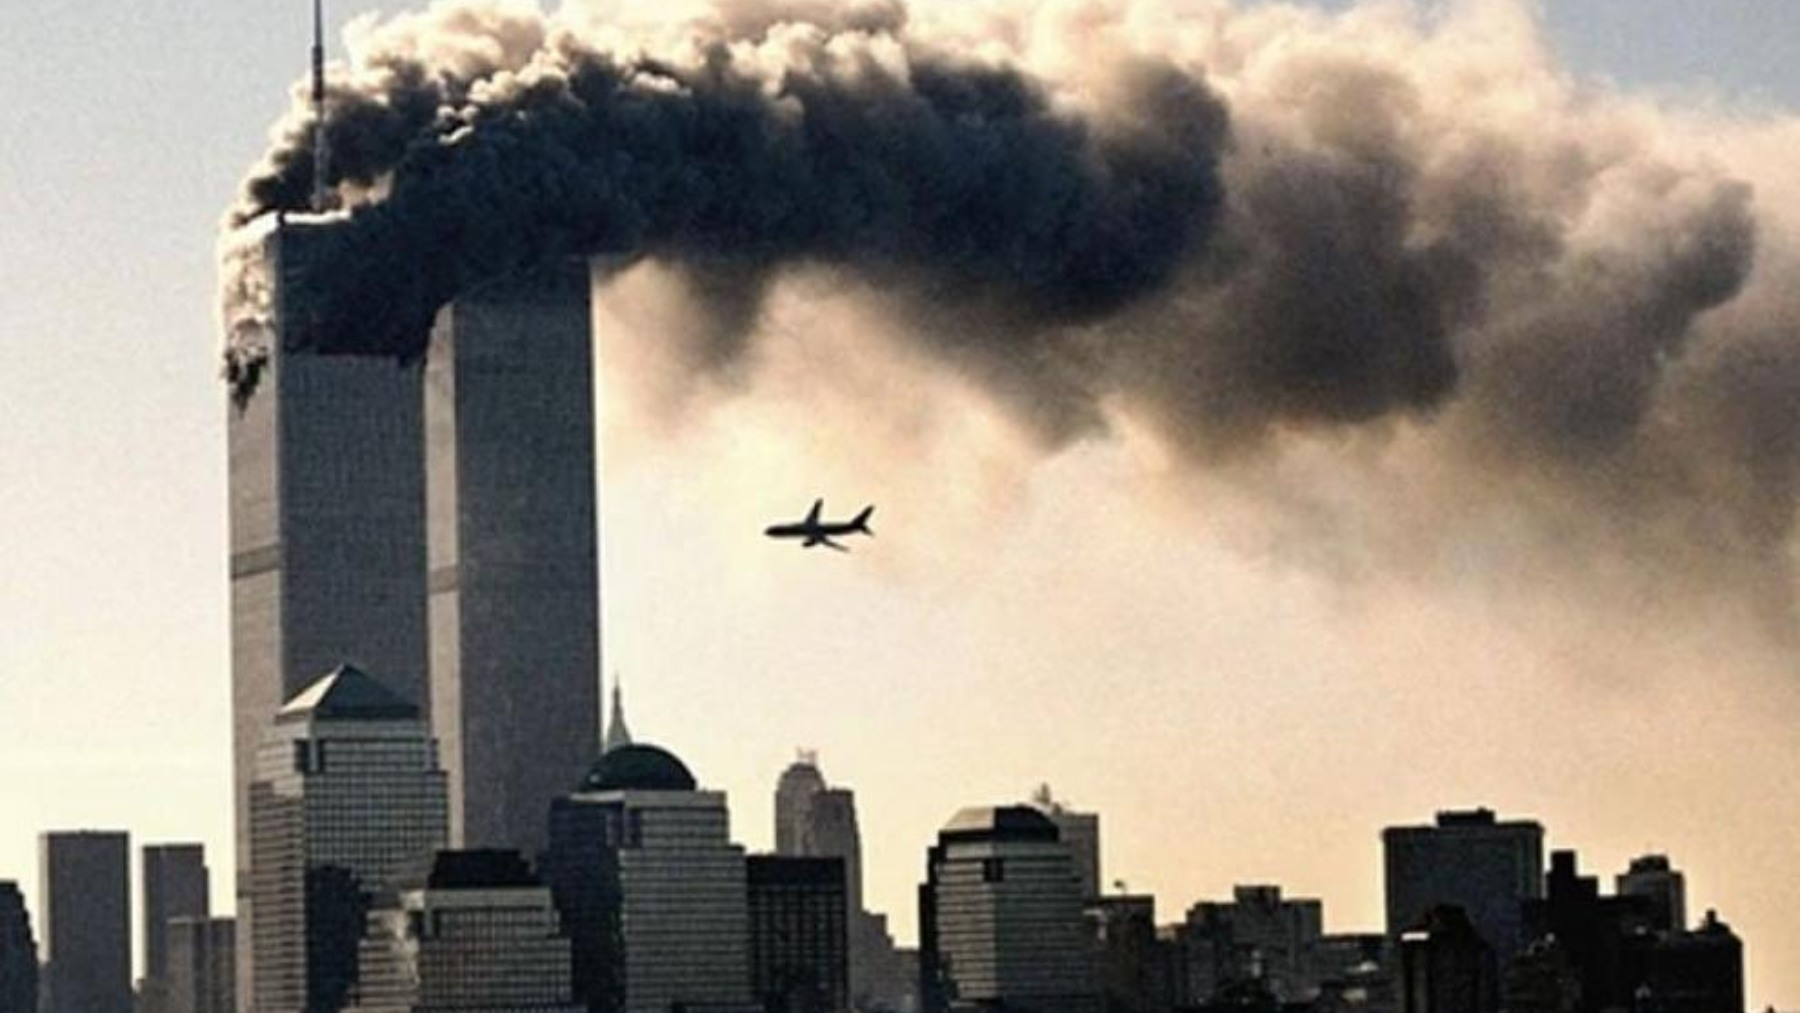 El 11S cambió el mundo tal y como lo conocimos, el reino del terror llegó para instaurar el miedo a un posible atentado terrorista en cualquier parte